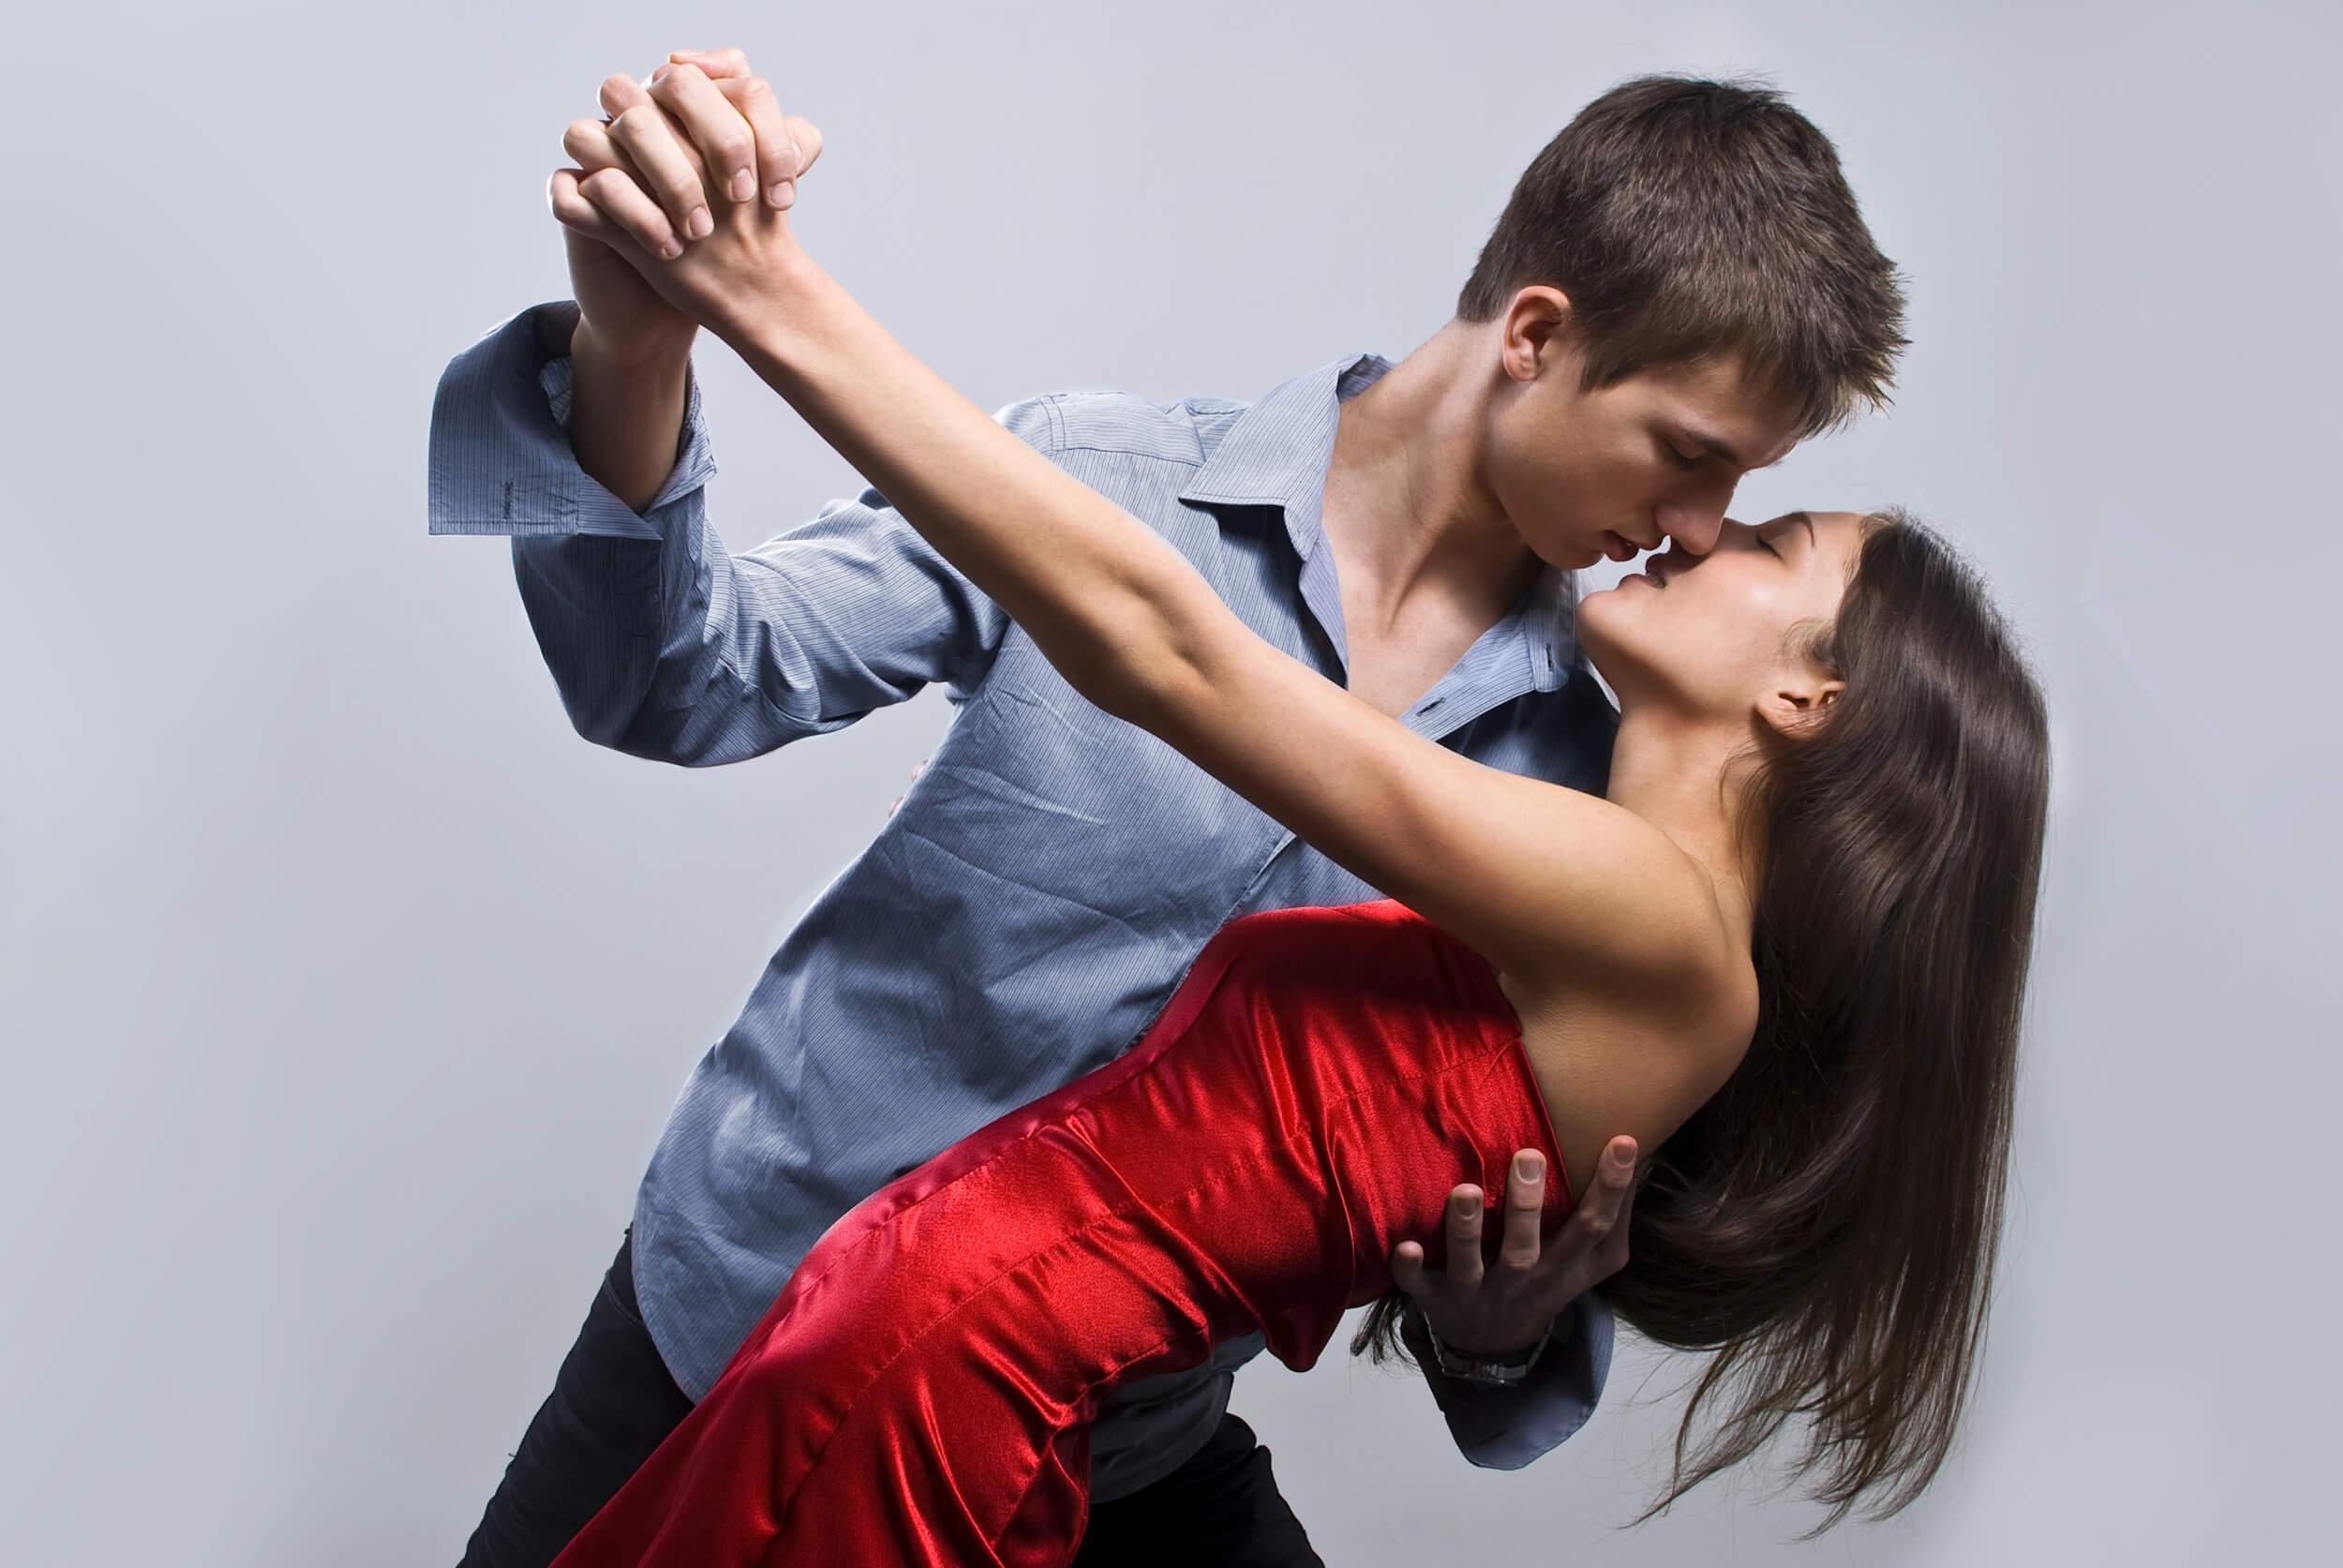 Танцевать в паре — человек, чья поддержка вам сейчас необходима, отдален от вас.